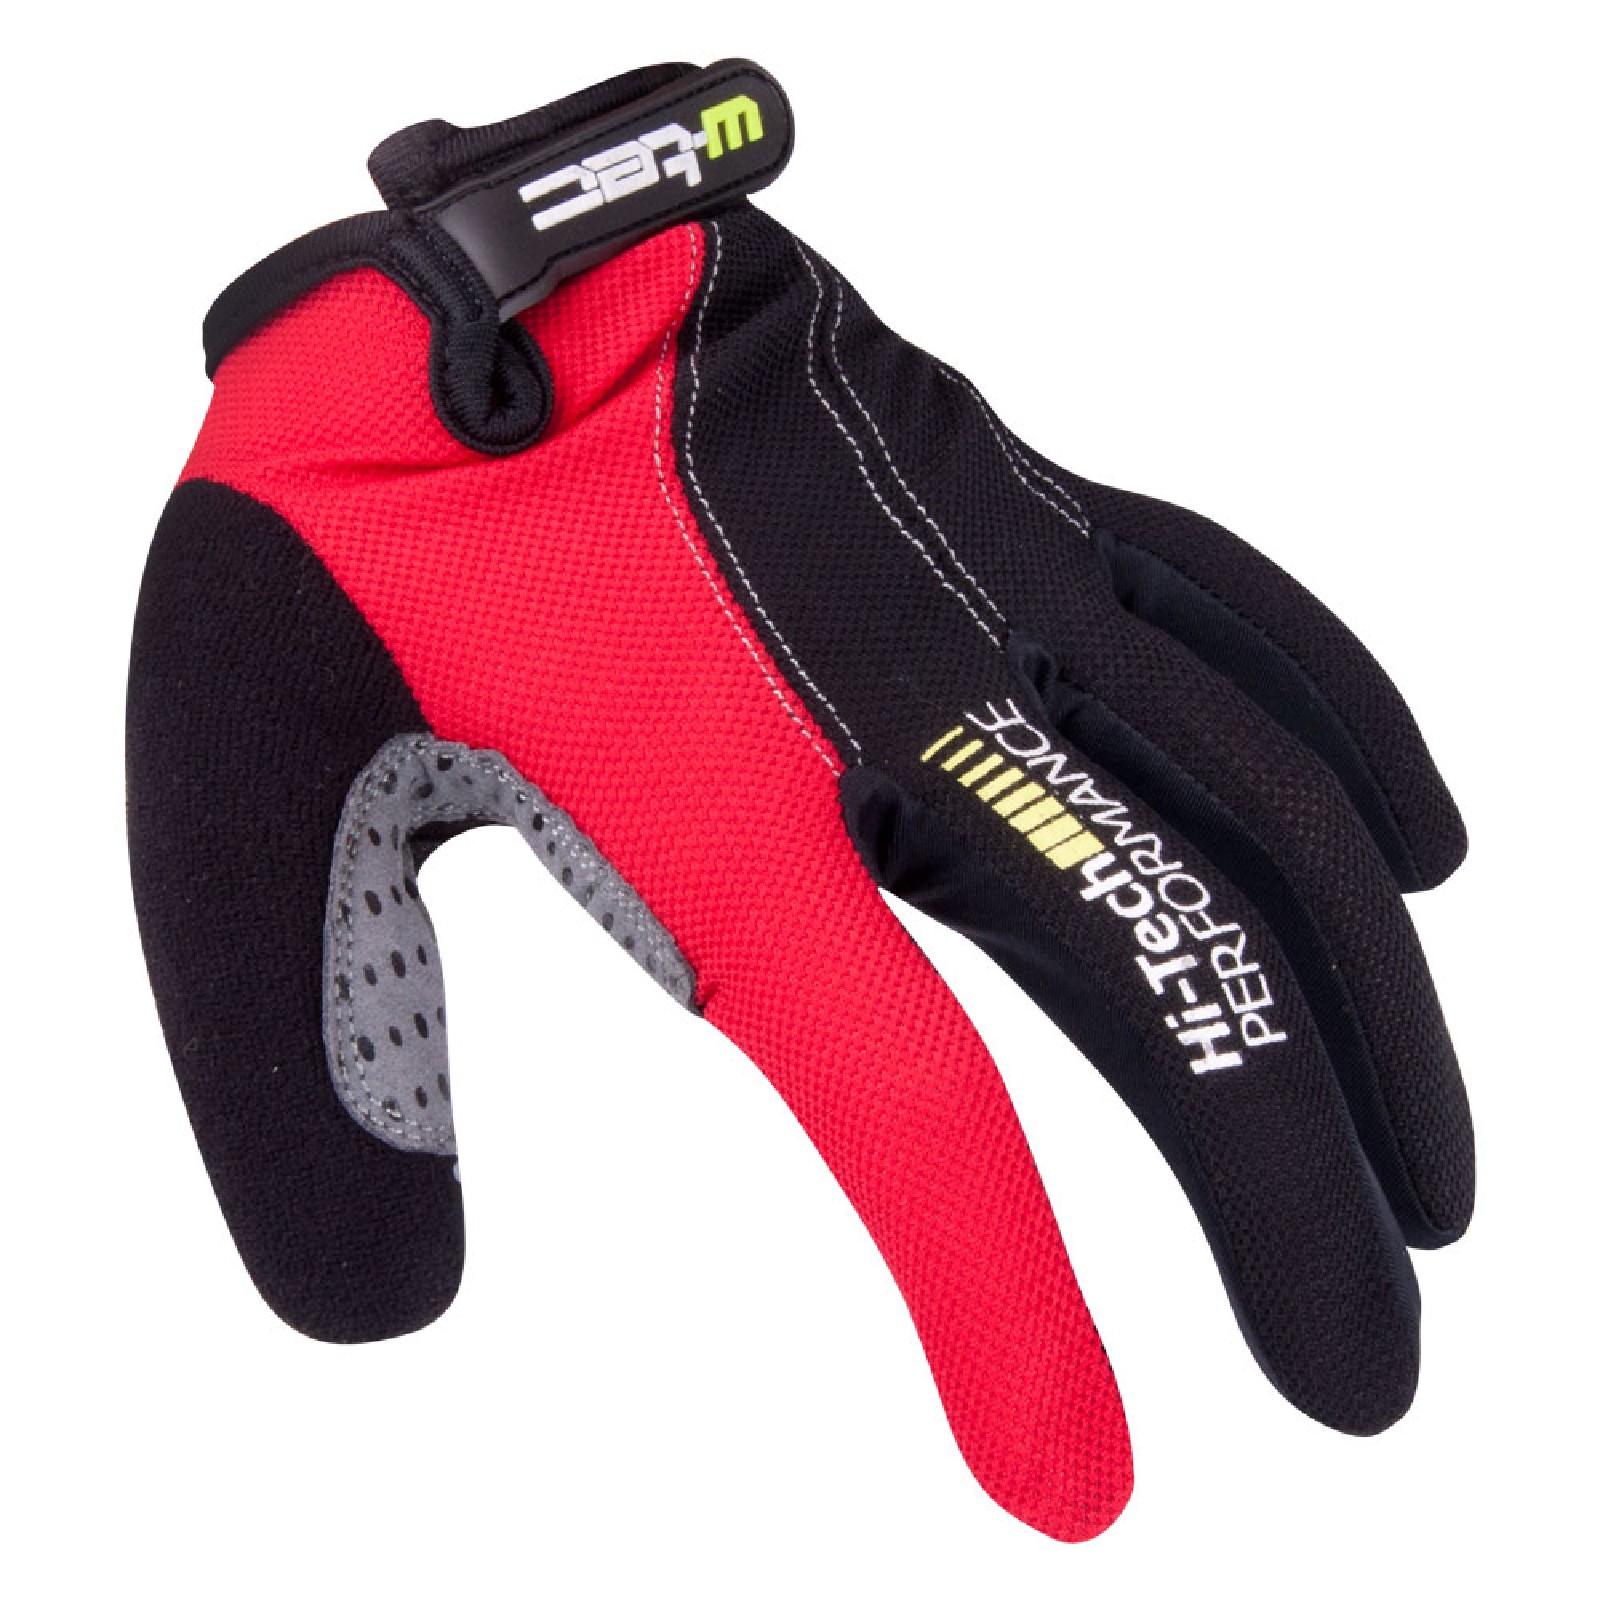 dd73e90f559 W-TEC Ratyno Motokrosové rukavice - Bolder - Moto oblečení